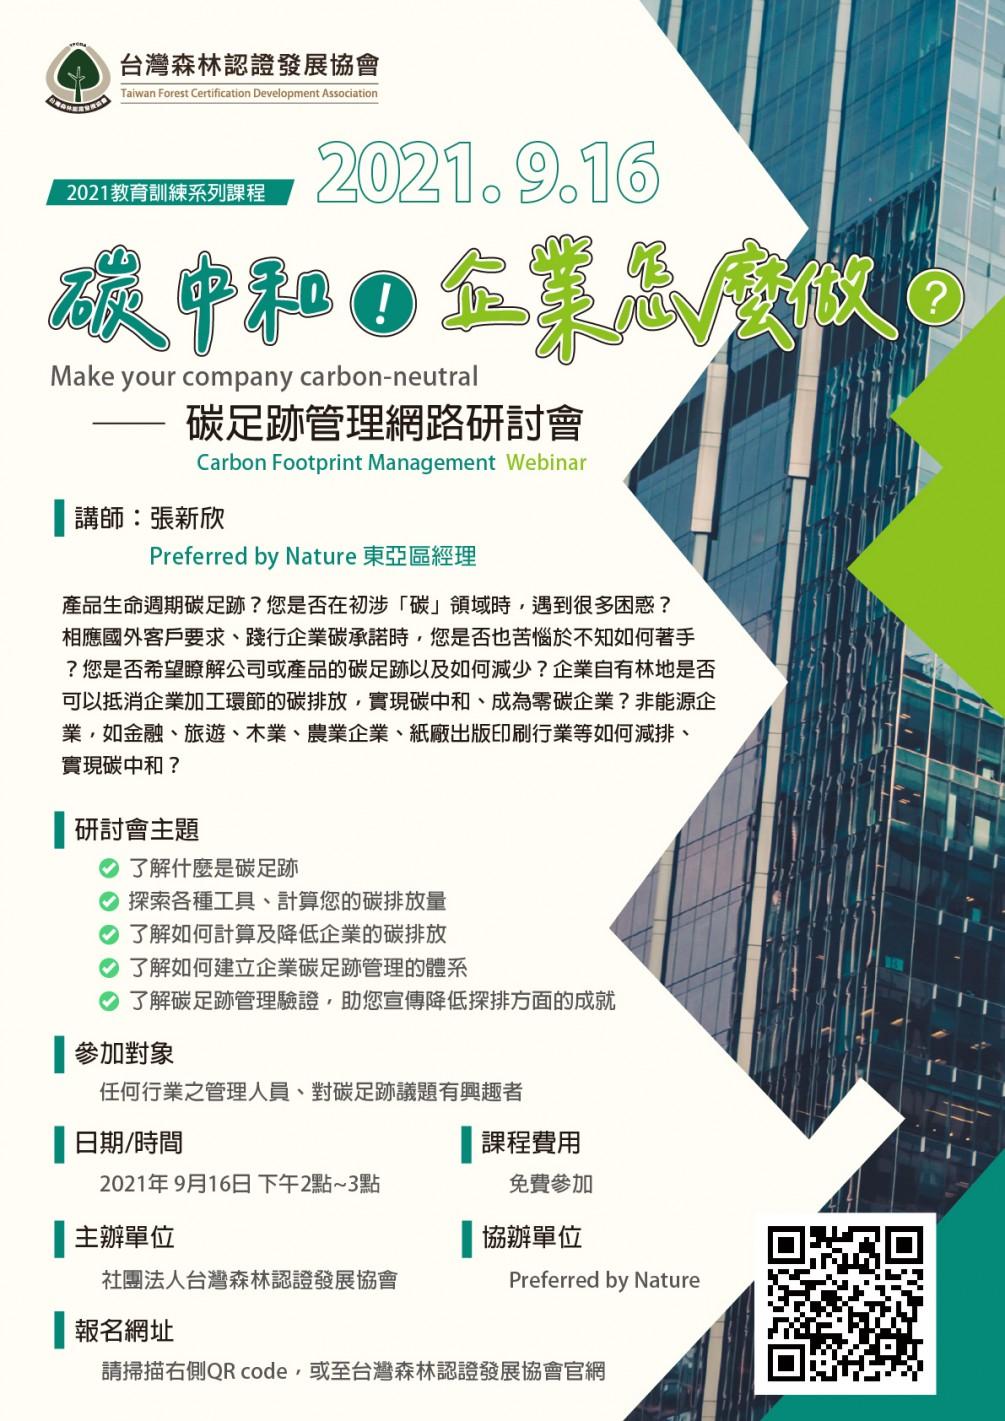 【活動訊息】2021/9/16 碳中和!企業怎麼做?-碳足跡管理網路研討會 歡迎踴躍報名參加